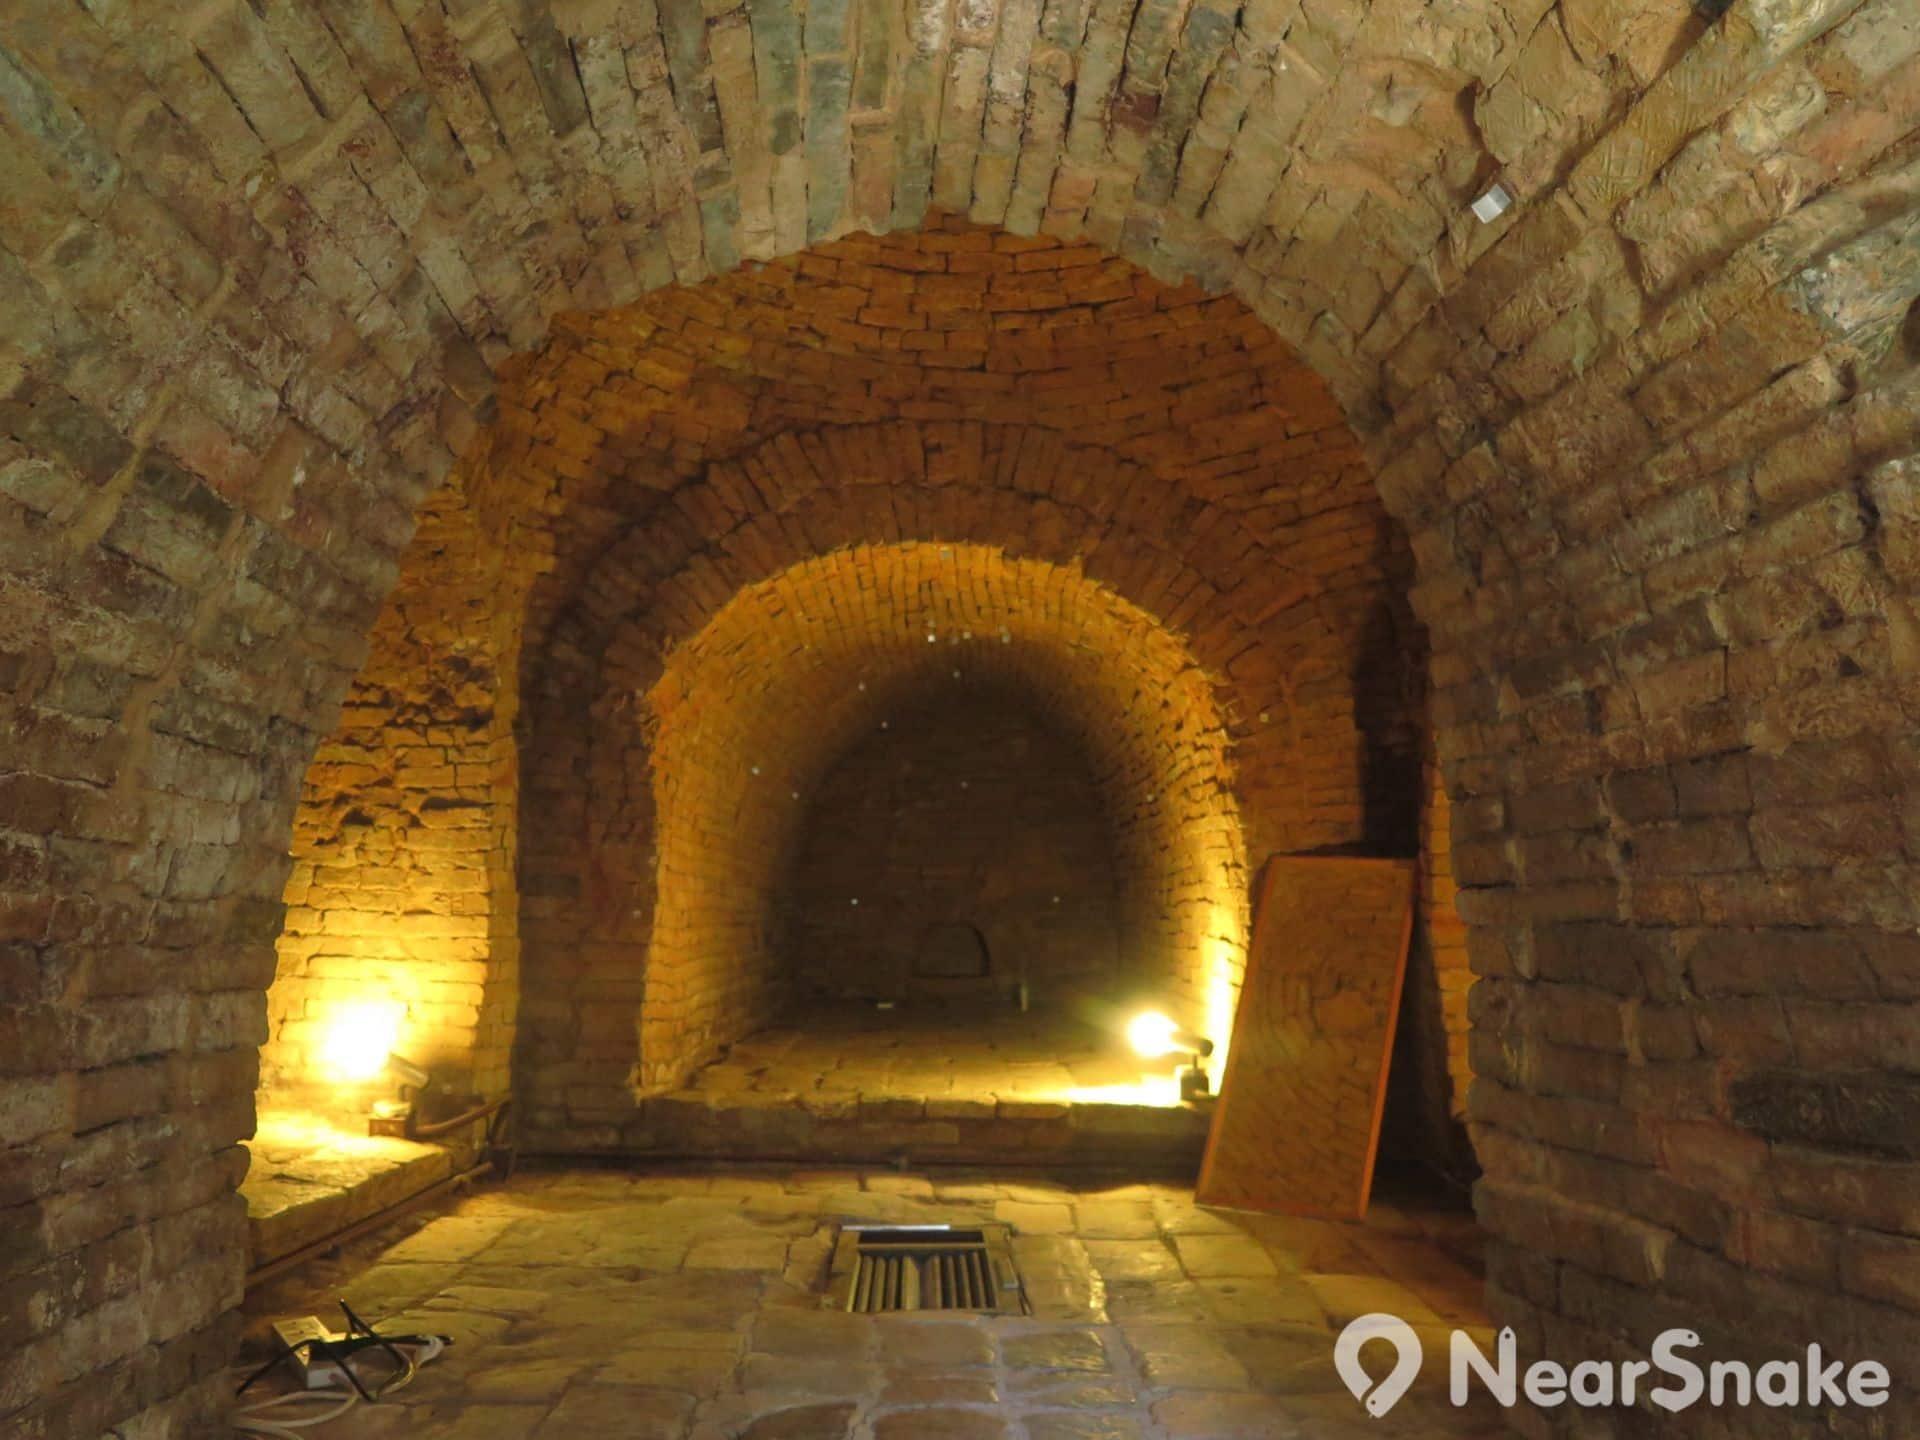 遊客並不能走進李鄭屋漢墓之內,只能隔著玻璃窺看內裡面貌,工作人員亦貼心地放了一塊鏡子,讓遊客可細看墓室的穹窿頂。